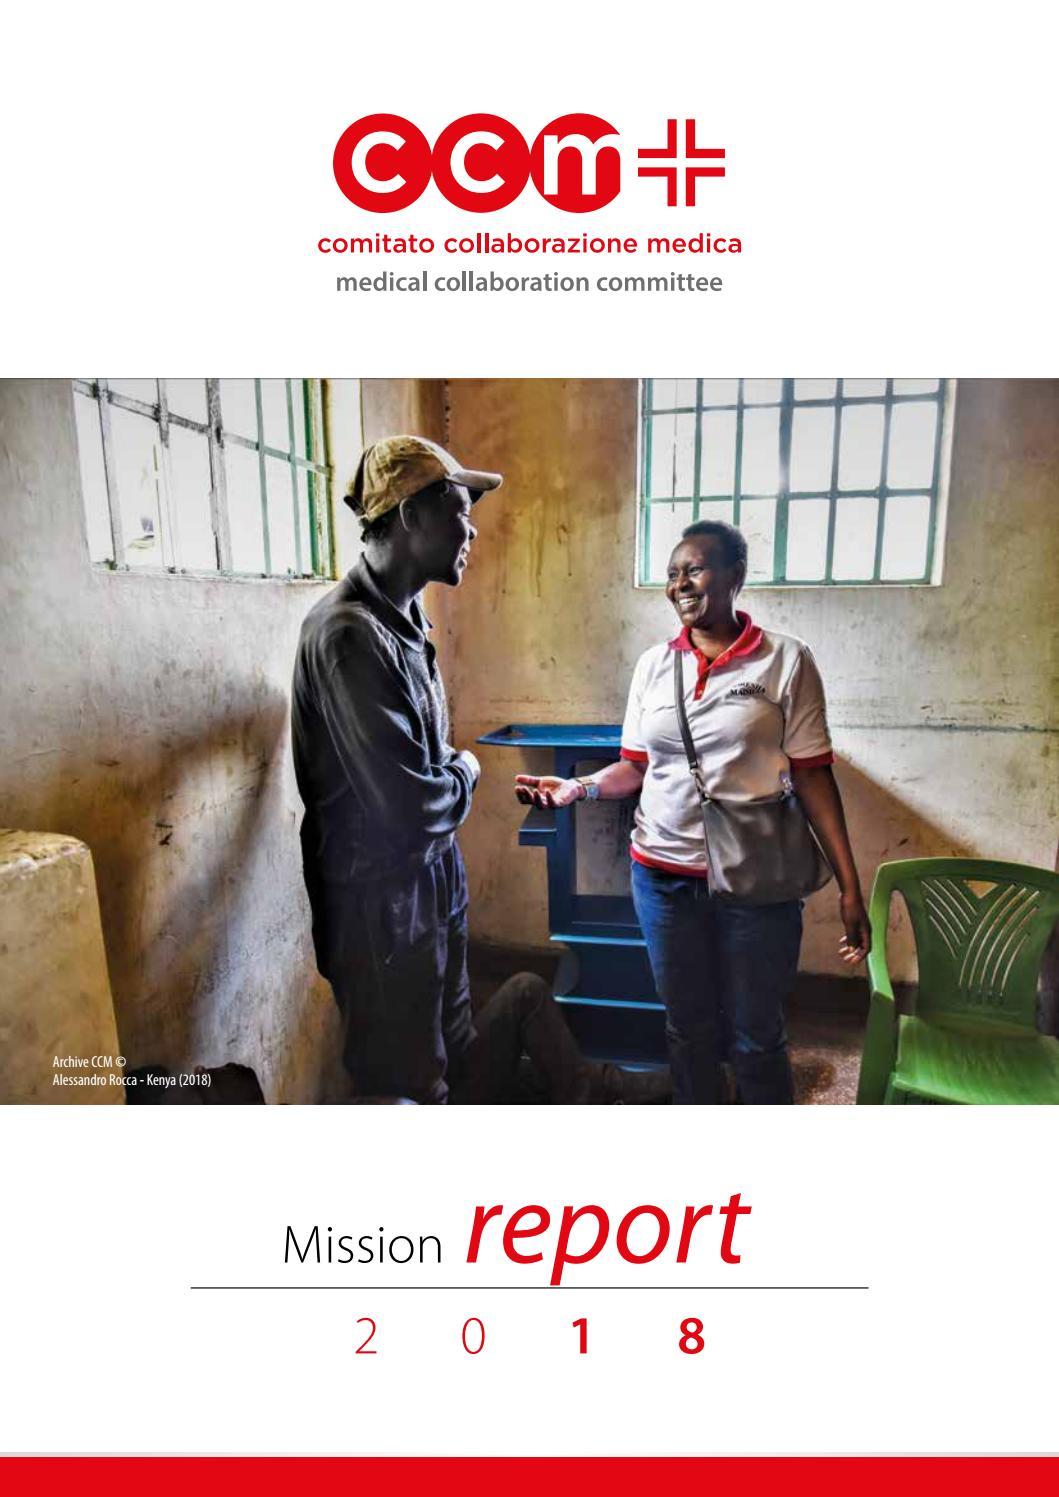 Specchi Per Palestra On Line ccm mission report 2018 by comitato collaborazione medica